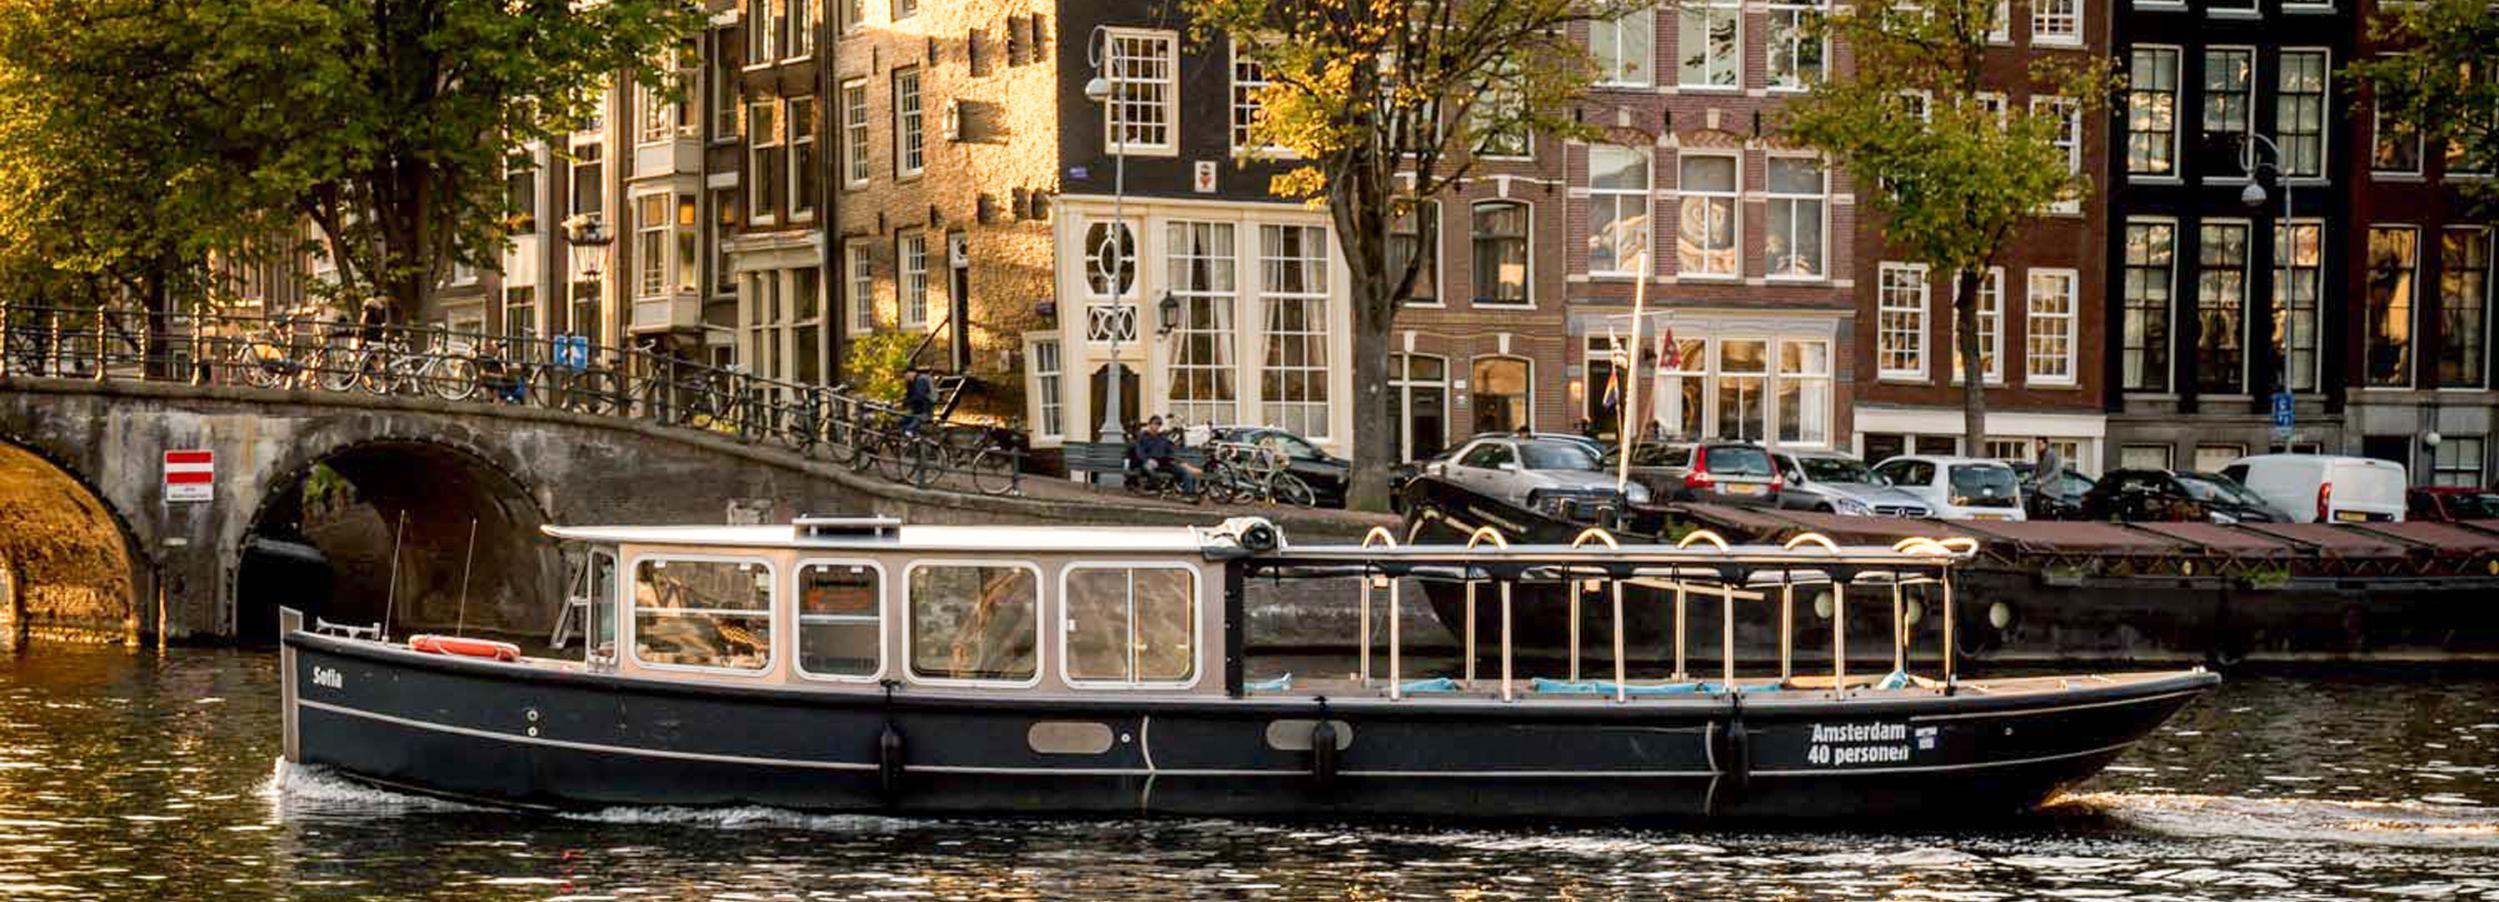 Amesterdão: Cruzeiro no Canal com um Guia Alemão Nativo